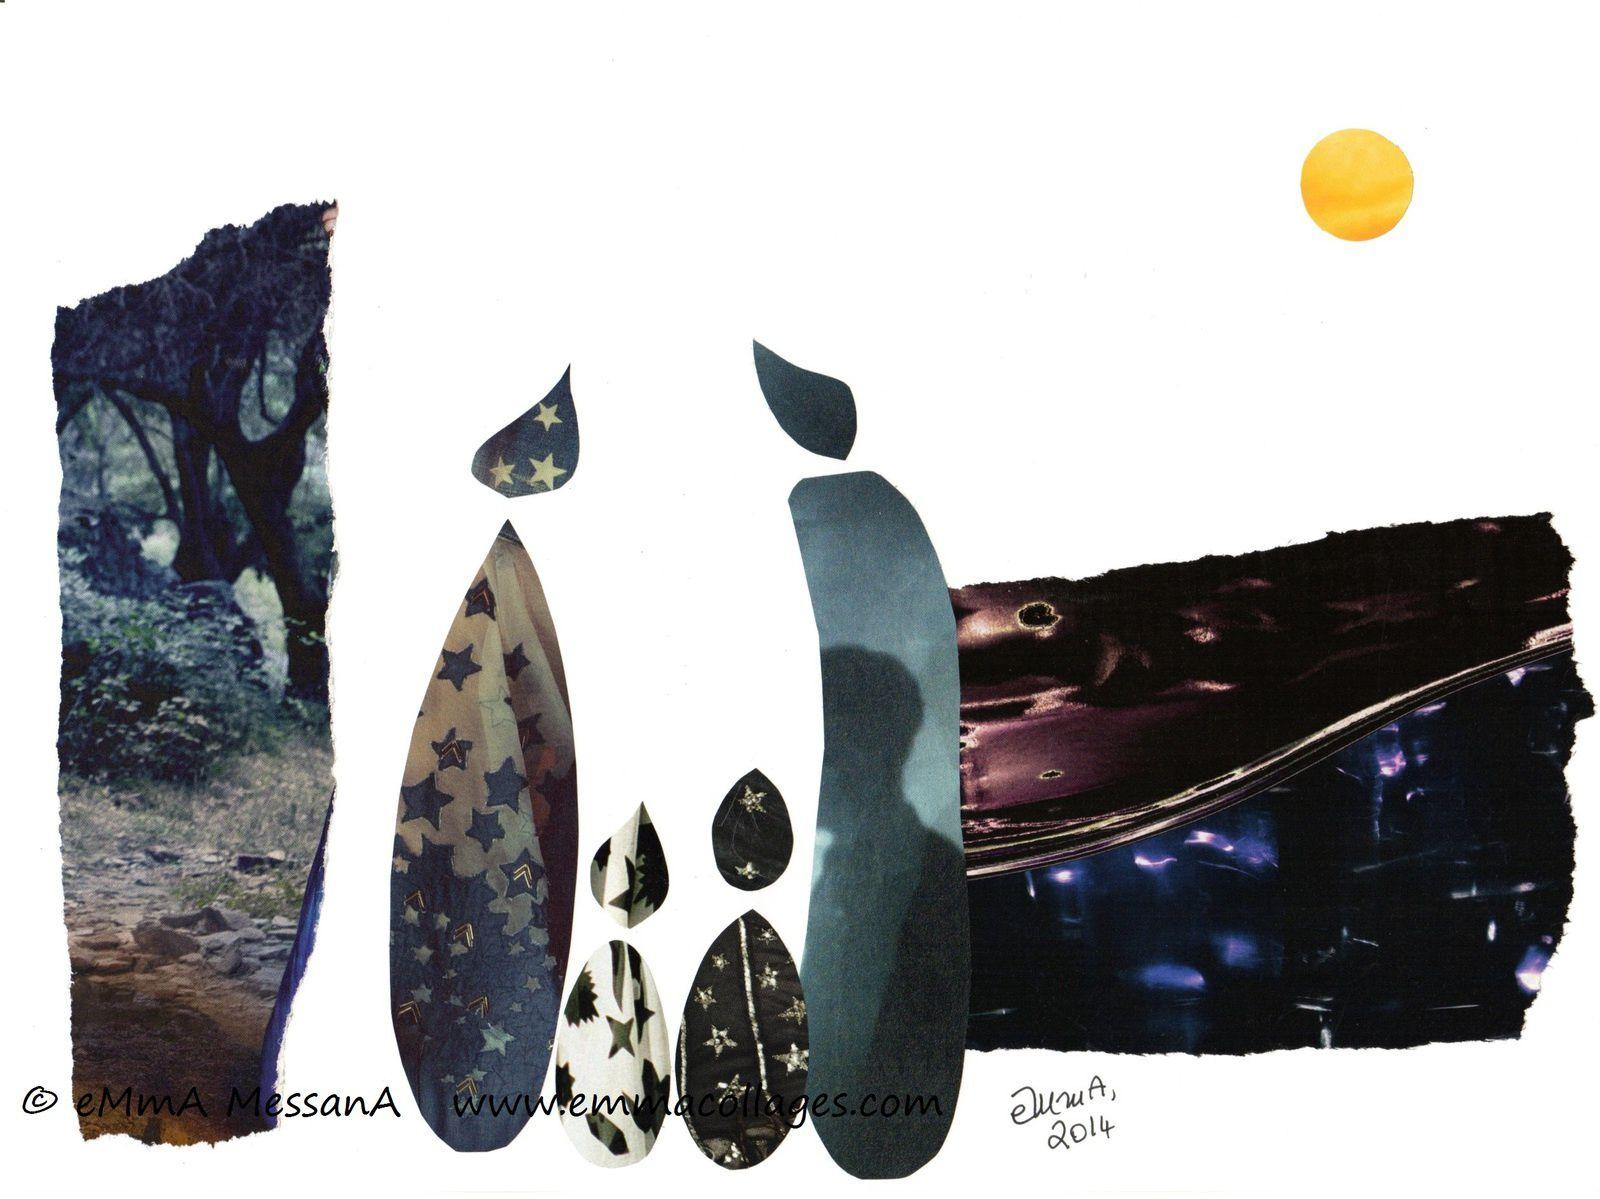 """Les Collages d'eMmA MessanA, collage """"Pleine lune"""", pièce unique"""